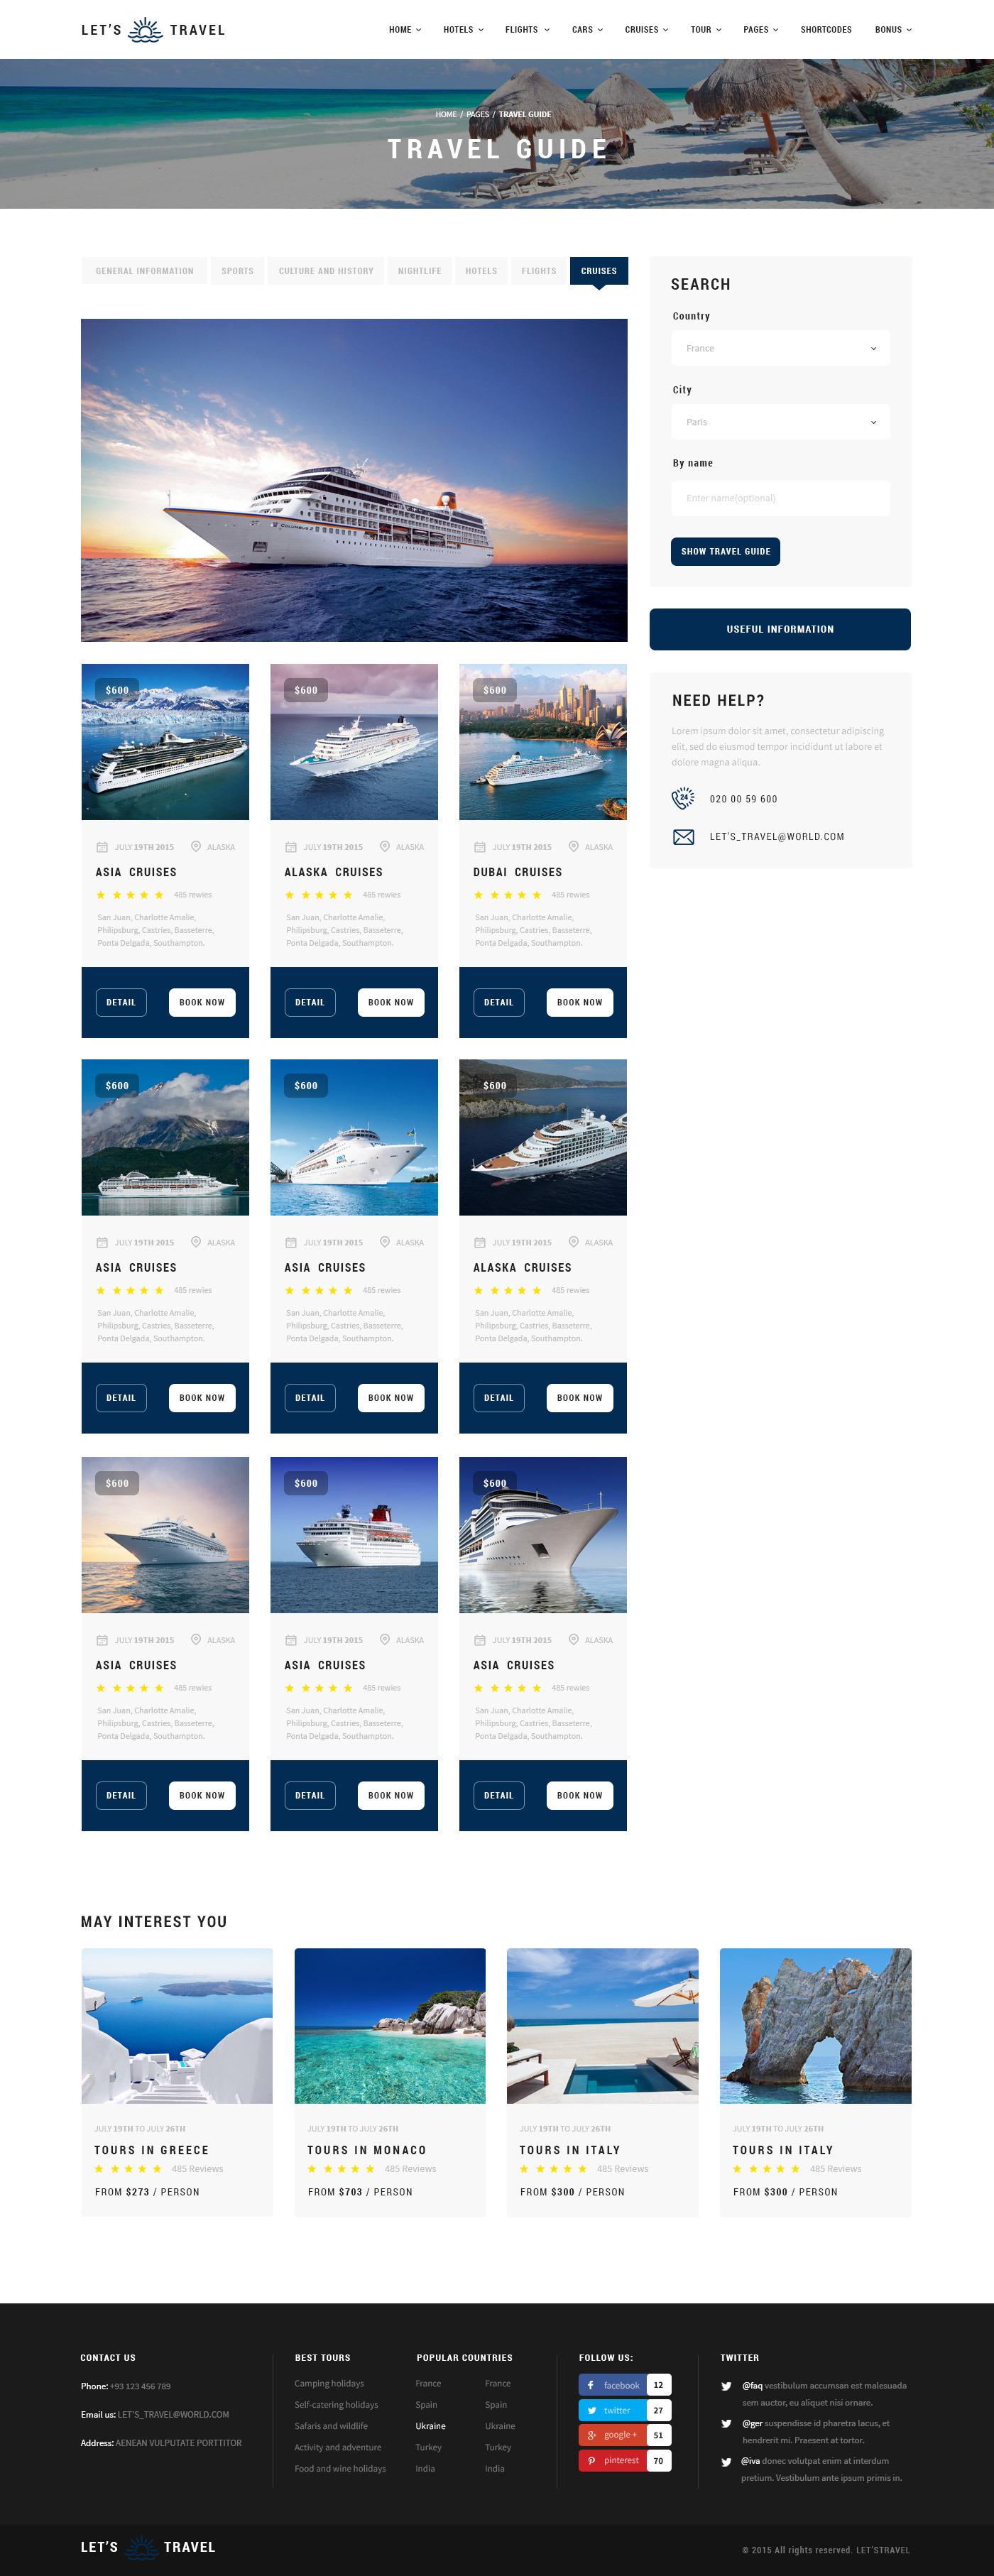 ... travel_jpeg/29_7-LetsTravel-TravelGuide.jpg ...